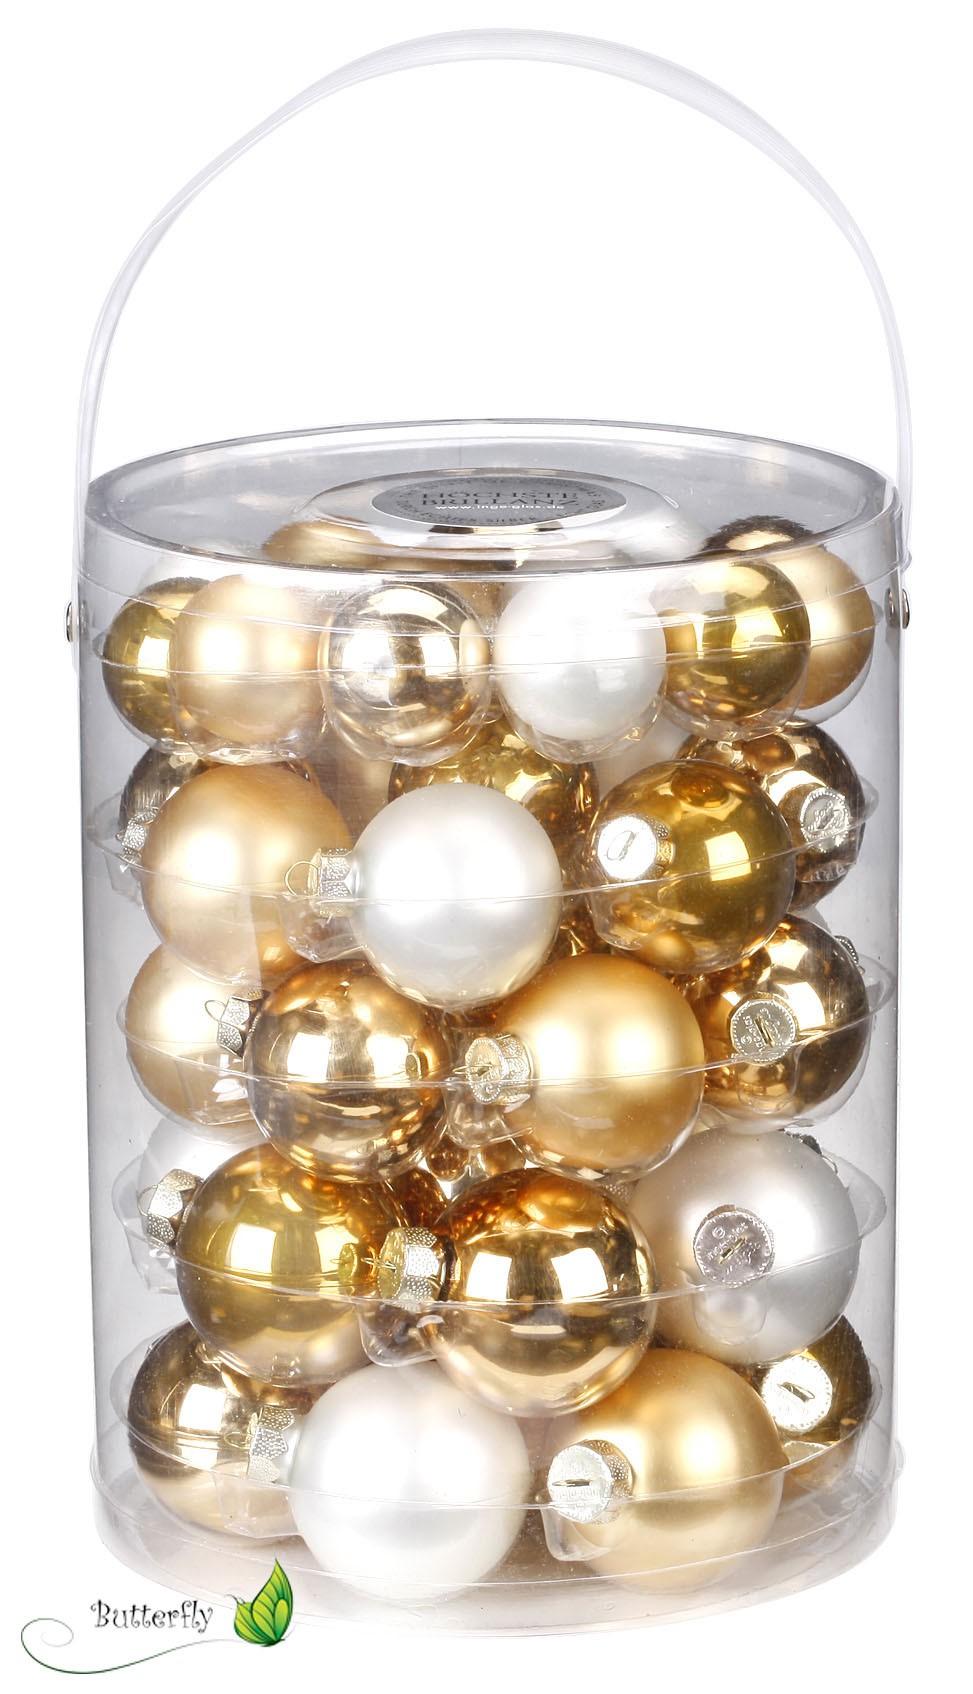 Christbaumkugeln Weiß Gold.60 Christbaumkugeln Glas 4 7cm